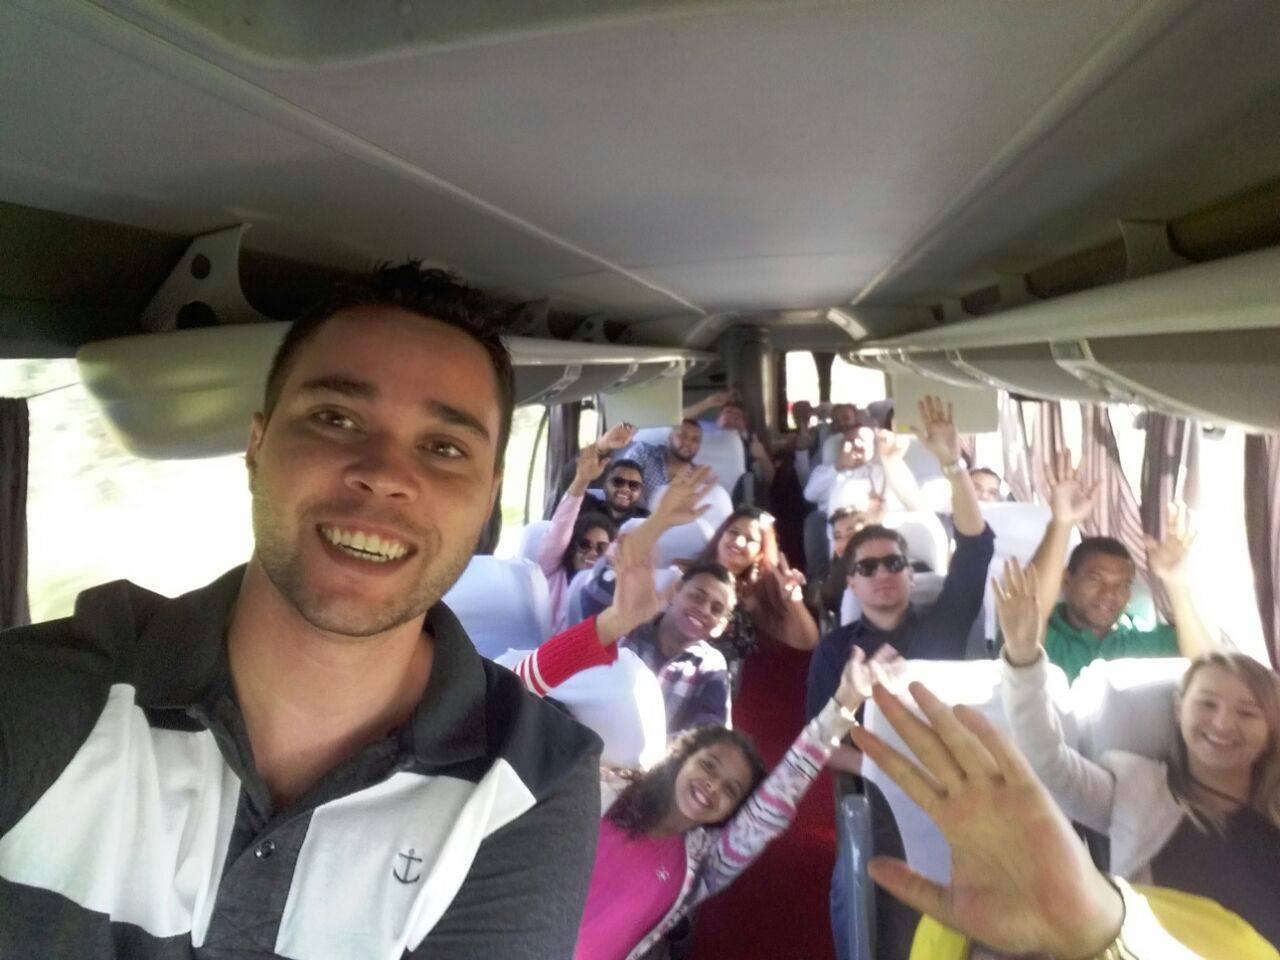 Presidente da JPTB de Goiânia, Thiago Taguary foi o responsável pelo ônibus que saiu da capital na manhã de sábado, 12, com destino a Caldas | Foto: Reprodução